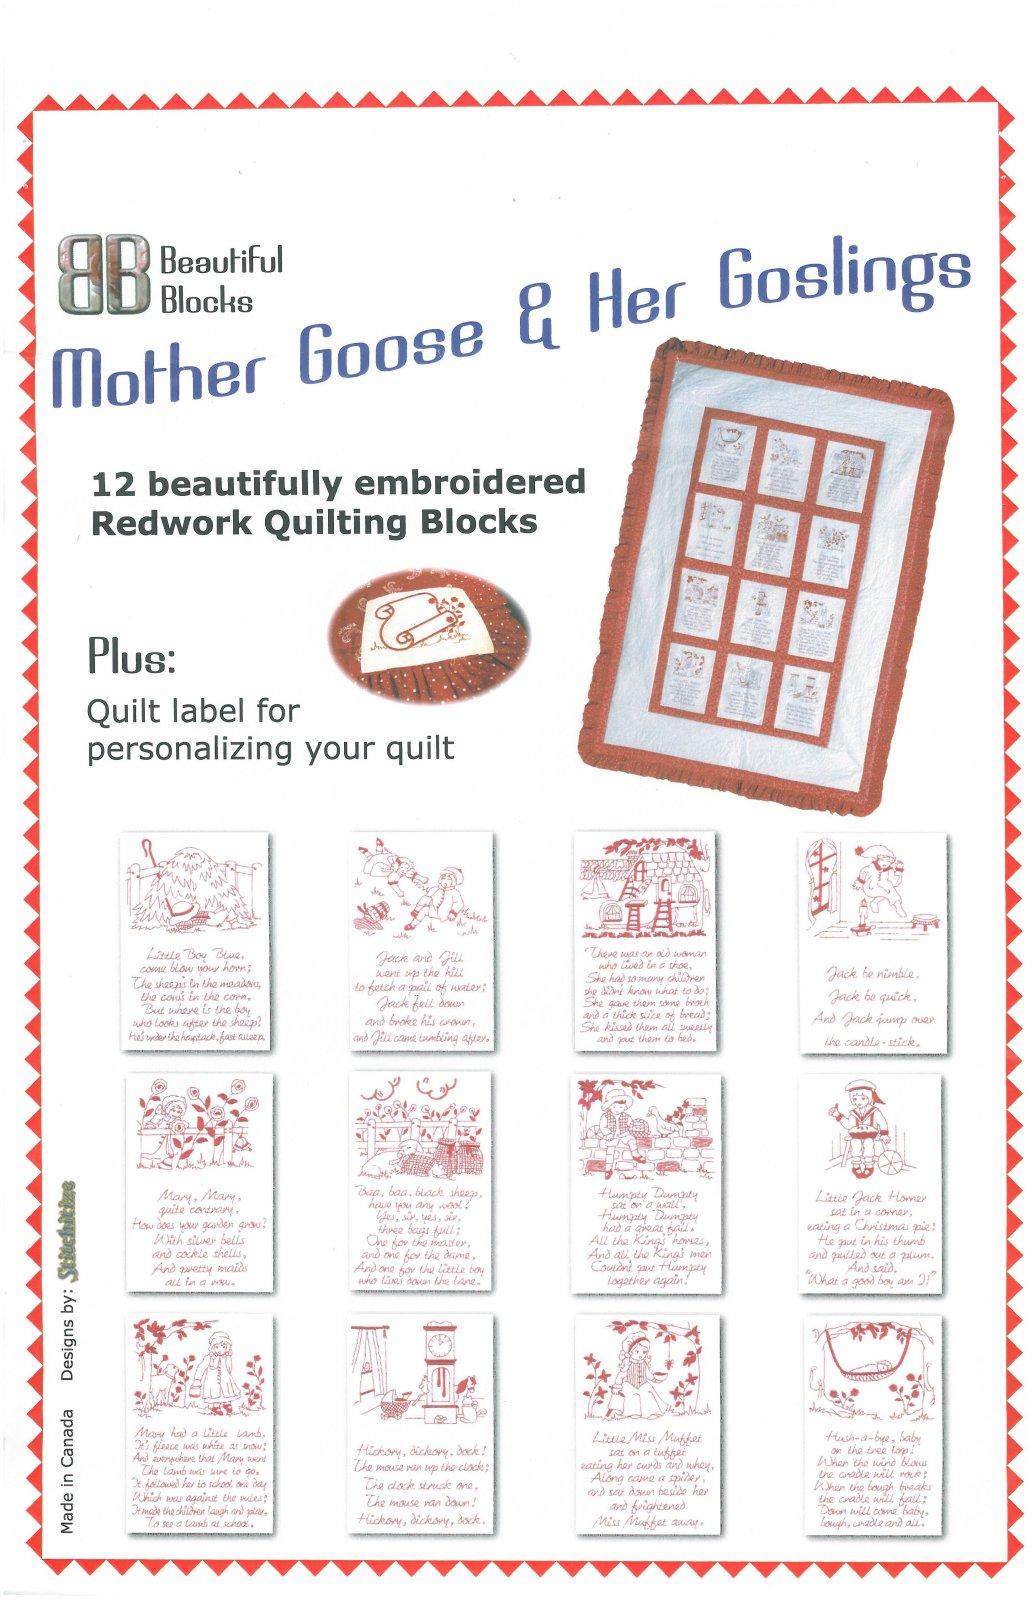 Mother Goose - Redwork